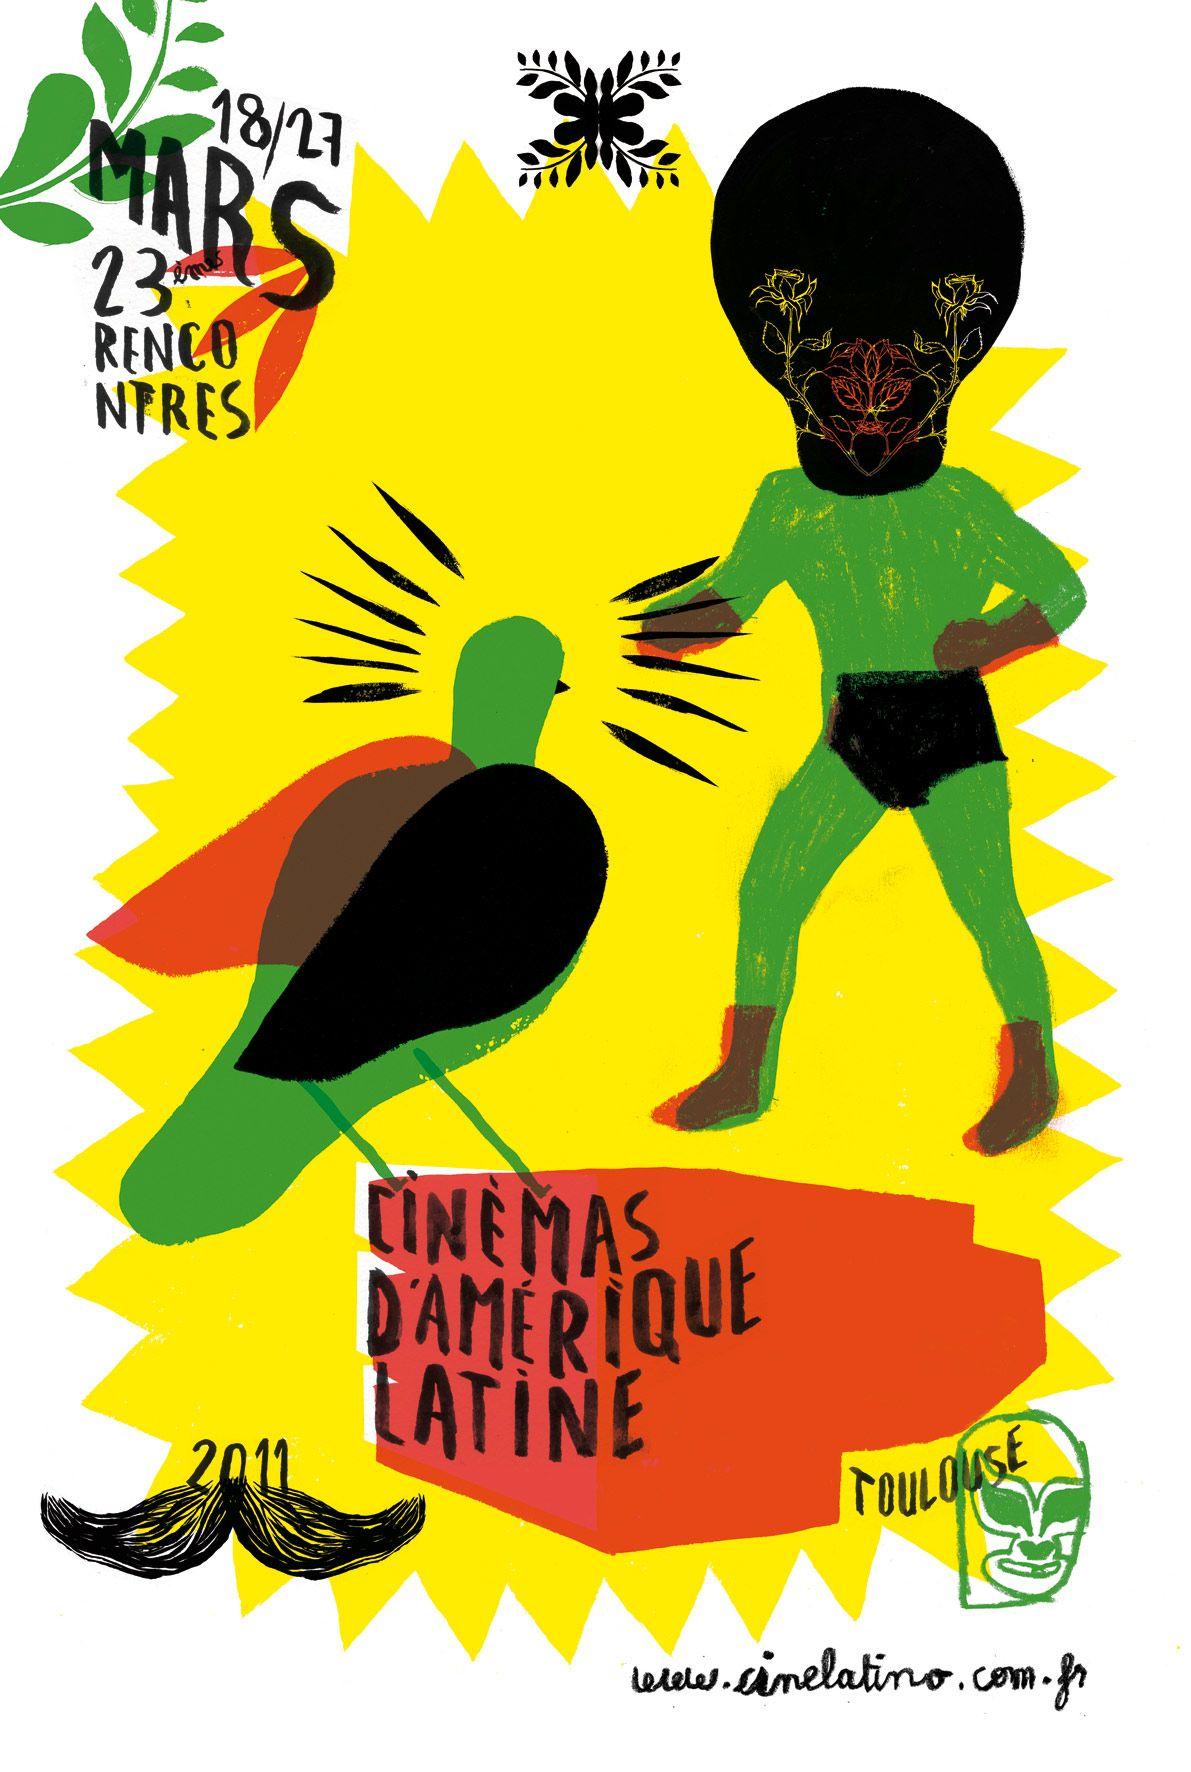 festival rencontres cinémas d amérique latine de toulouse